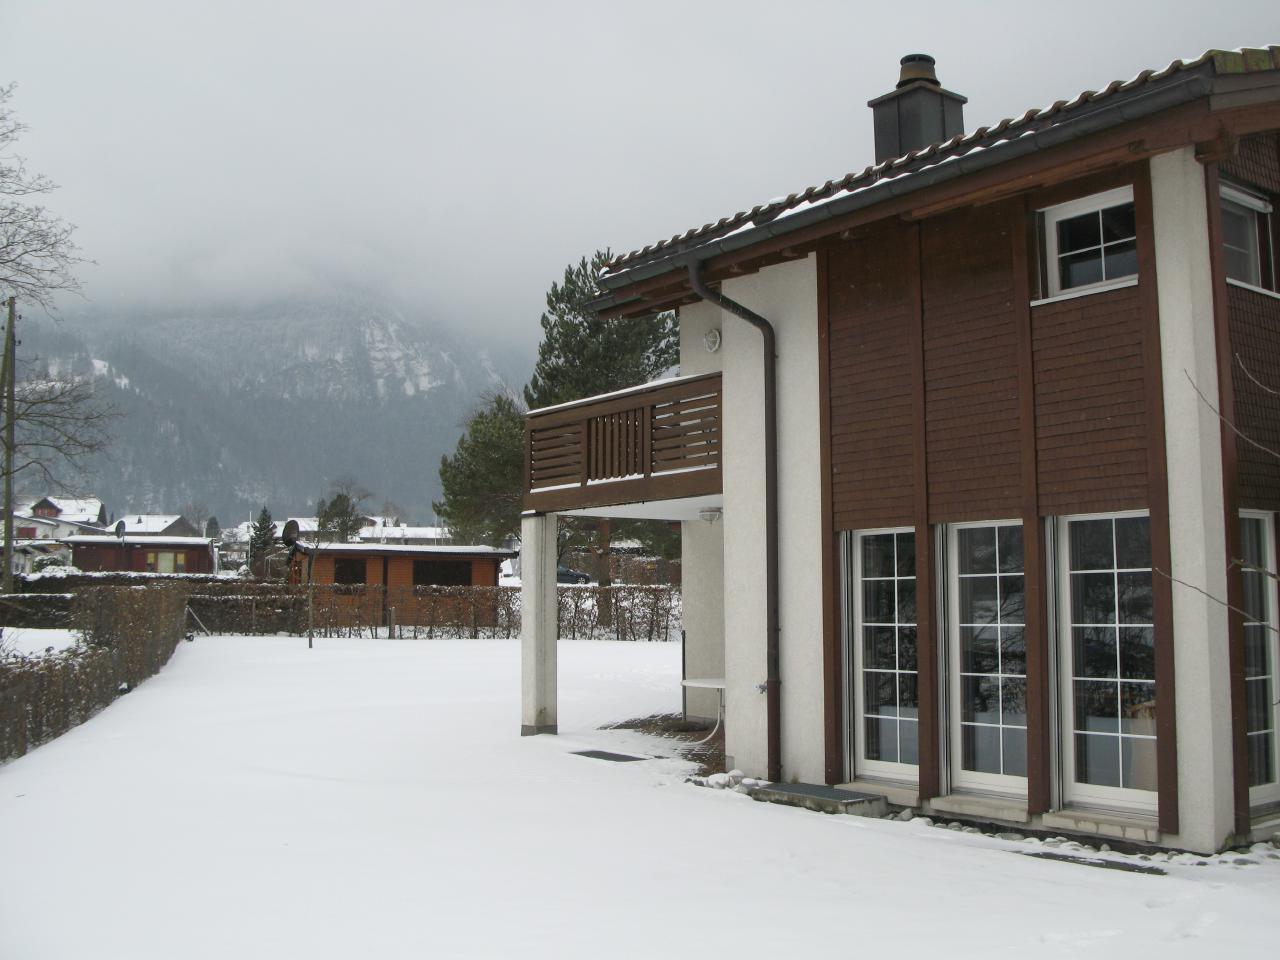 Ferienhaus direkt am Seel